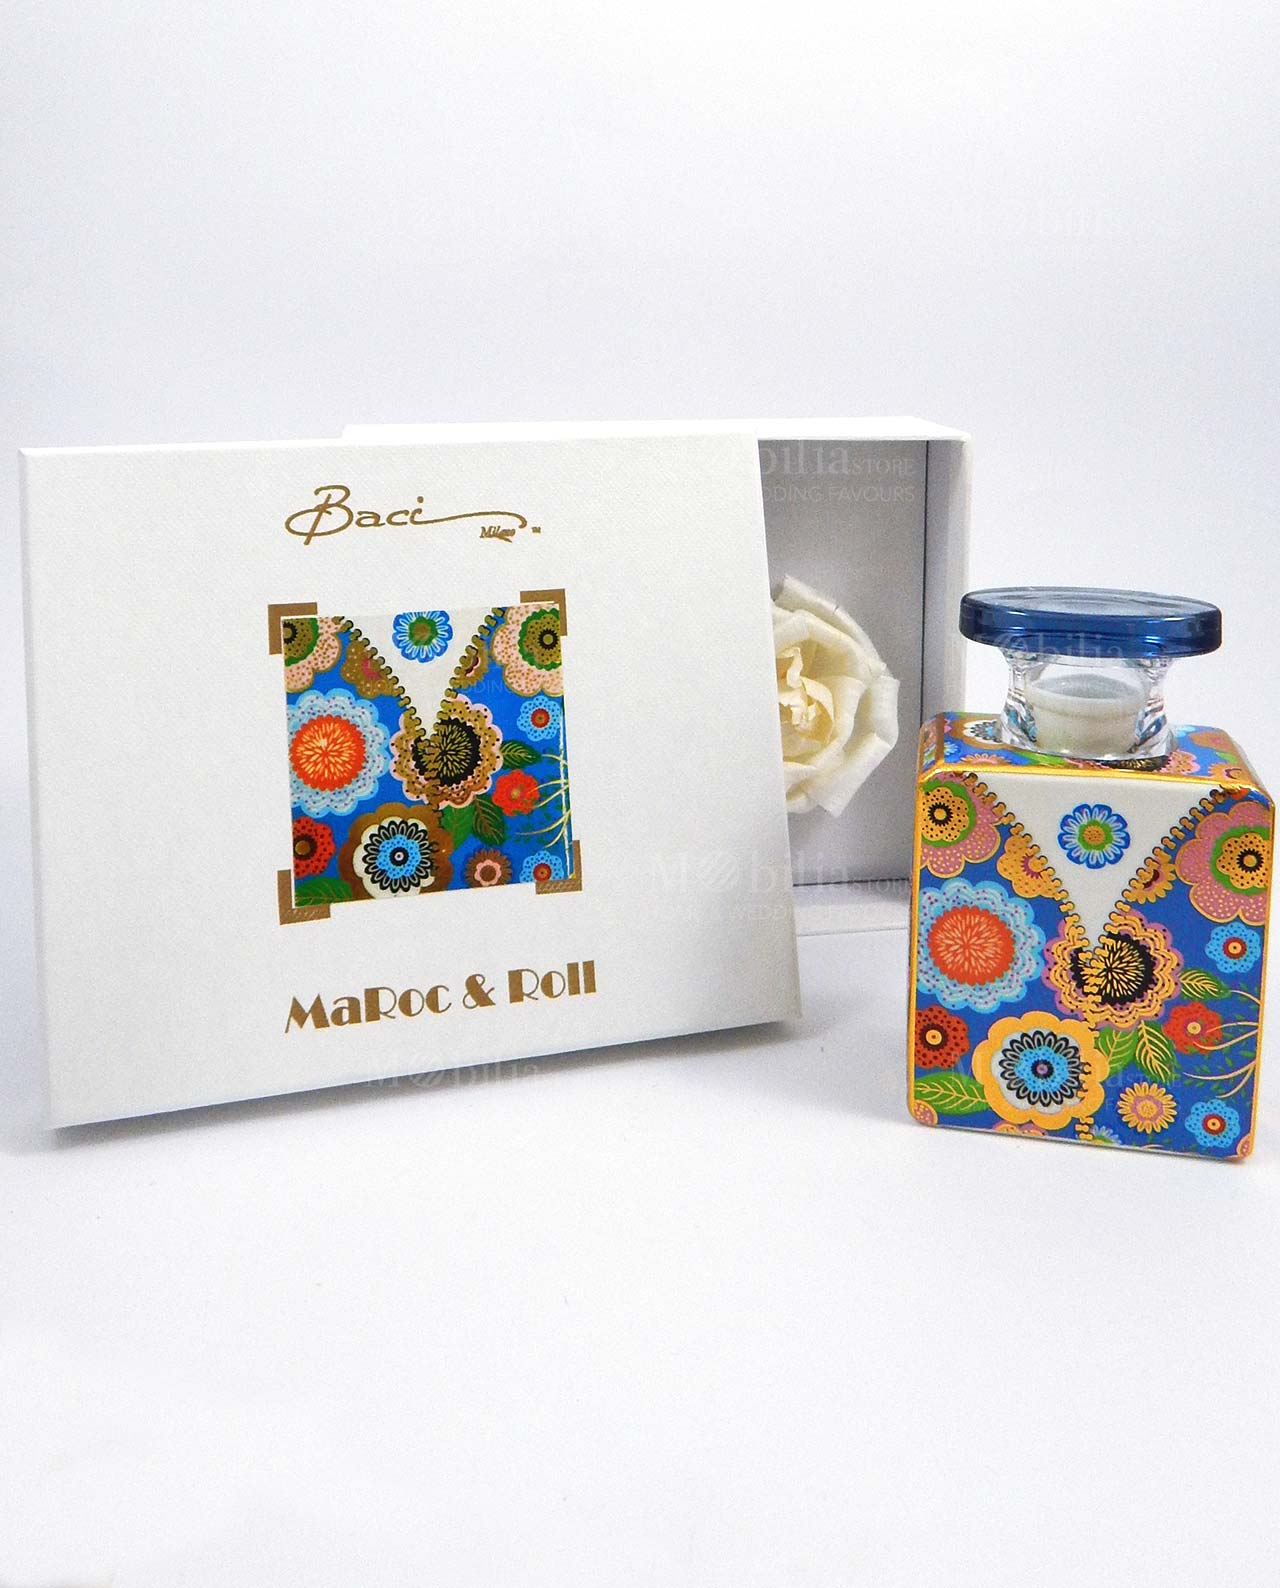 Bottiglia Diffusore Ambiente Baci Milano Maroc E Roll